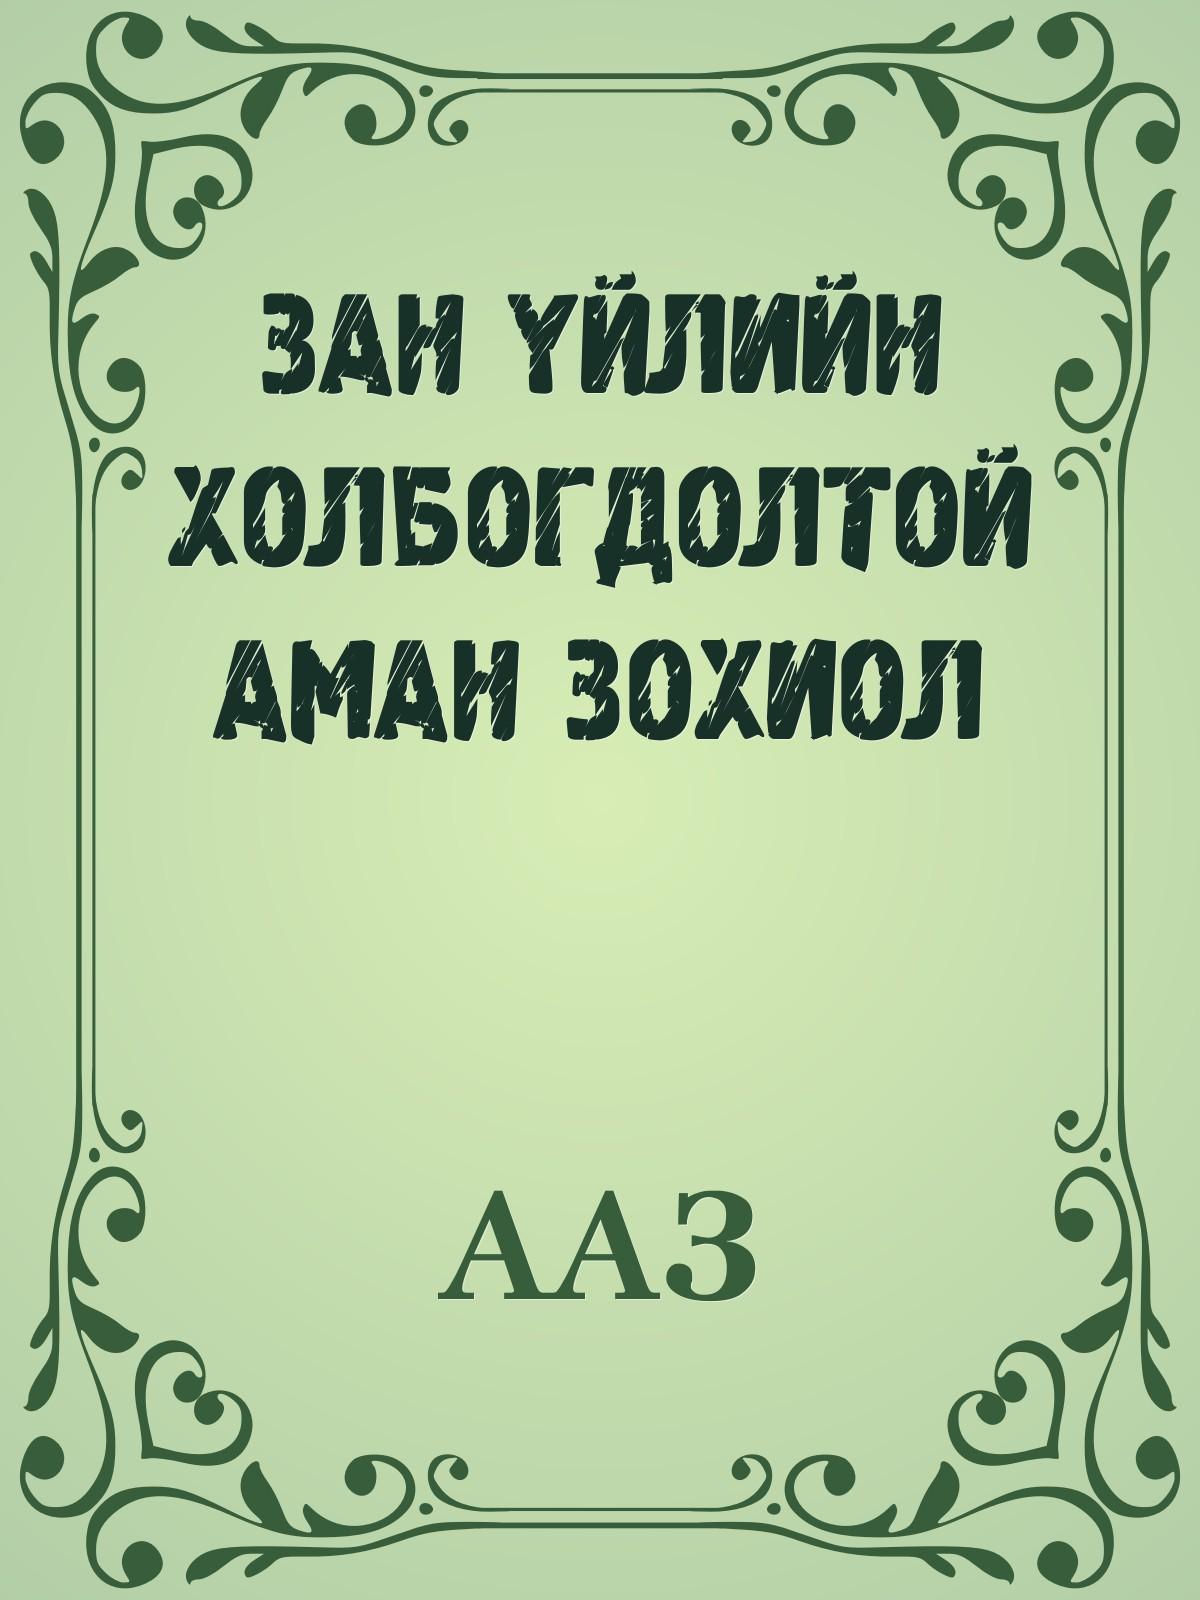 ЗАН ҮЙЛИЙН ХОЛБОГДОЛТОЙ АМАН ЗОХИОЛ